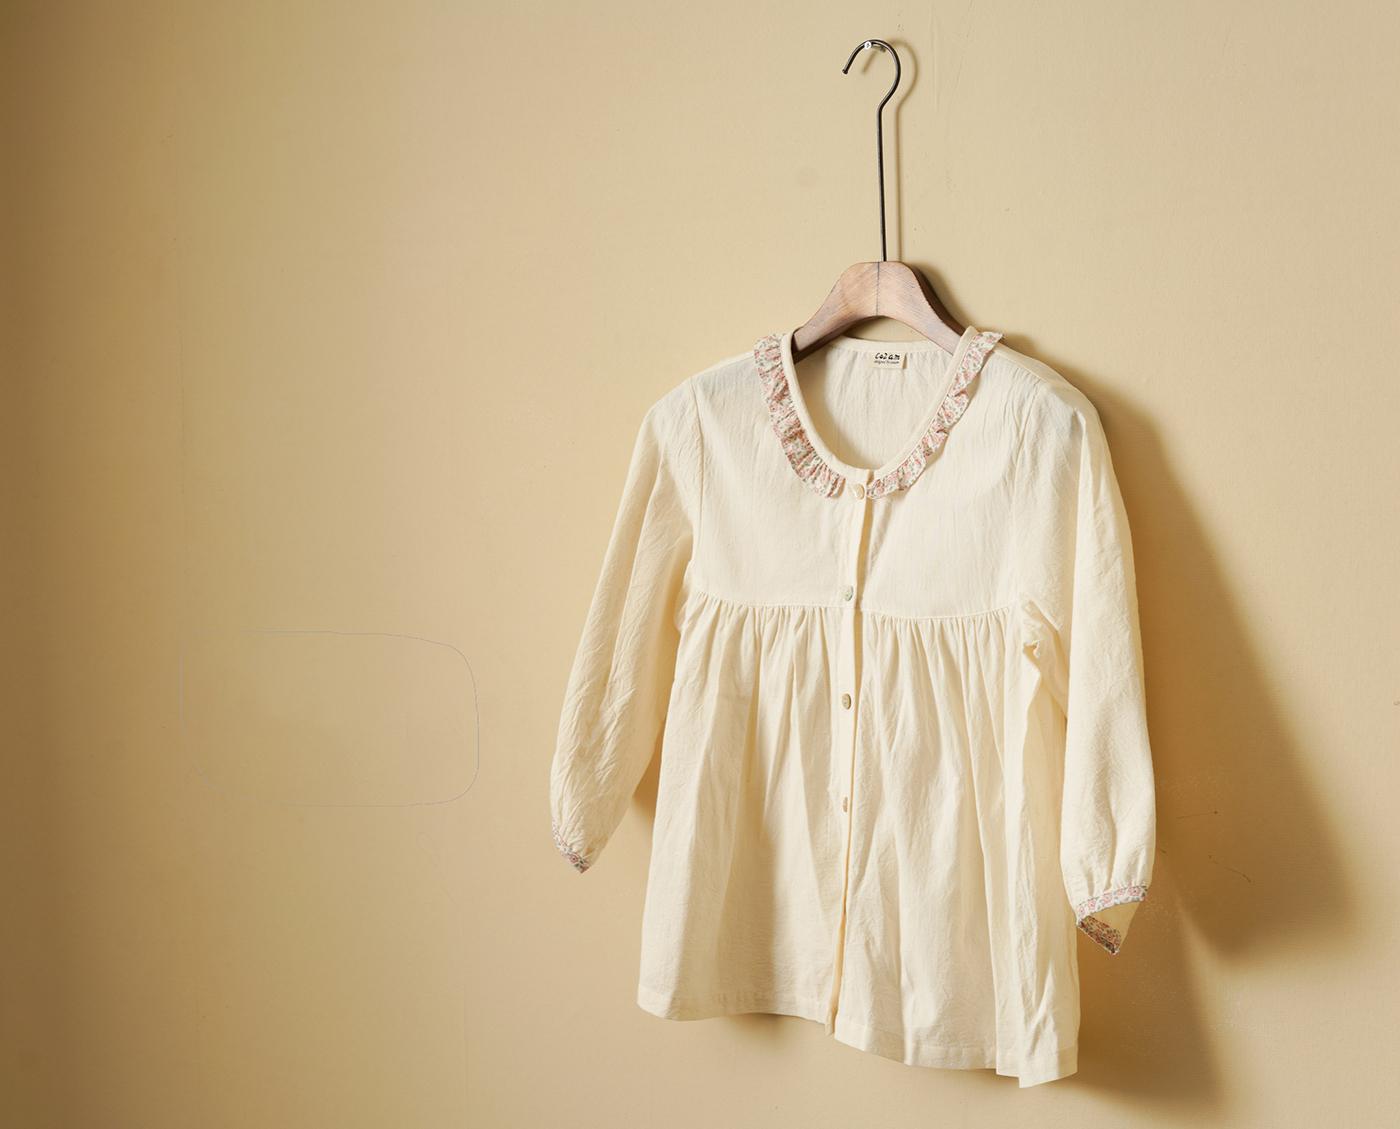 여성 광목 원피스 실내복(핑크)/실내복과 잠옷으로 활용하는 여성 홈웨어 원피스(핑크) 상세이미지2